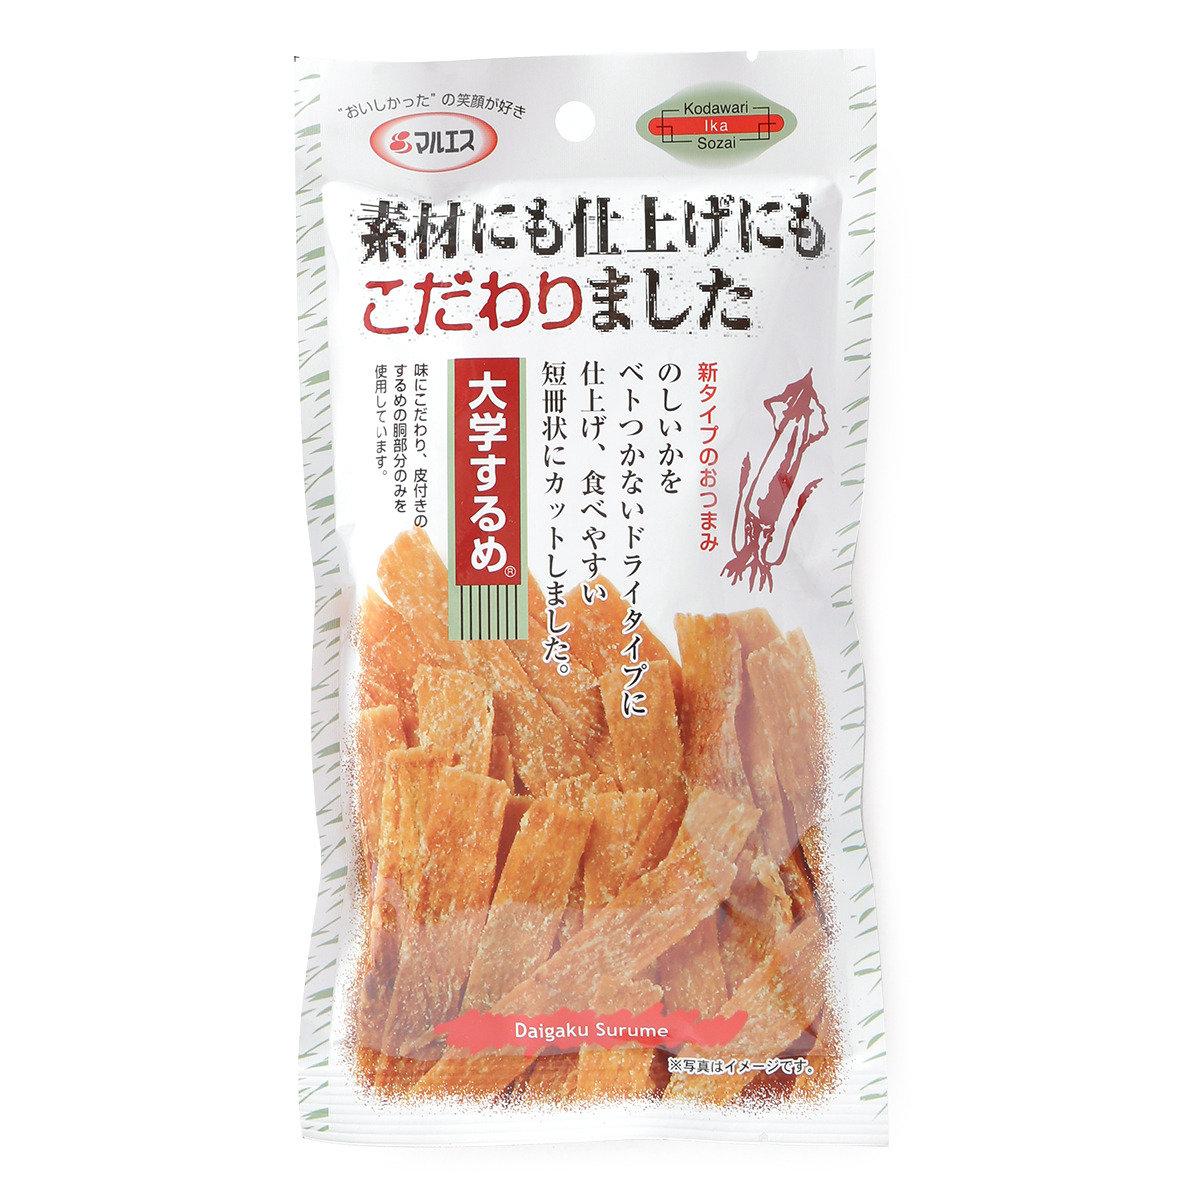 干燒魷魚絲 (和風味)